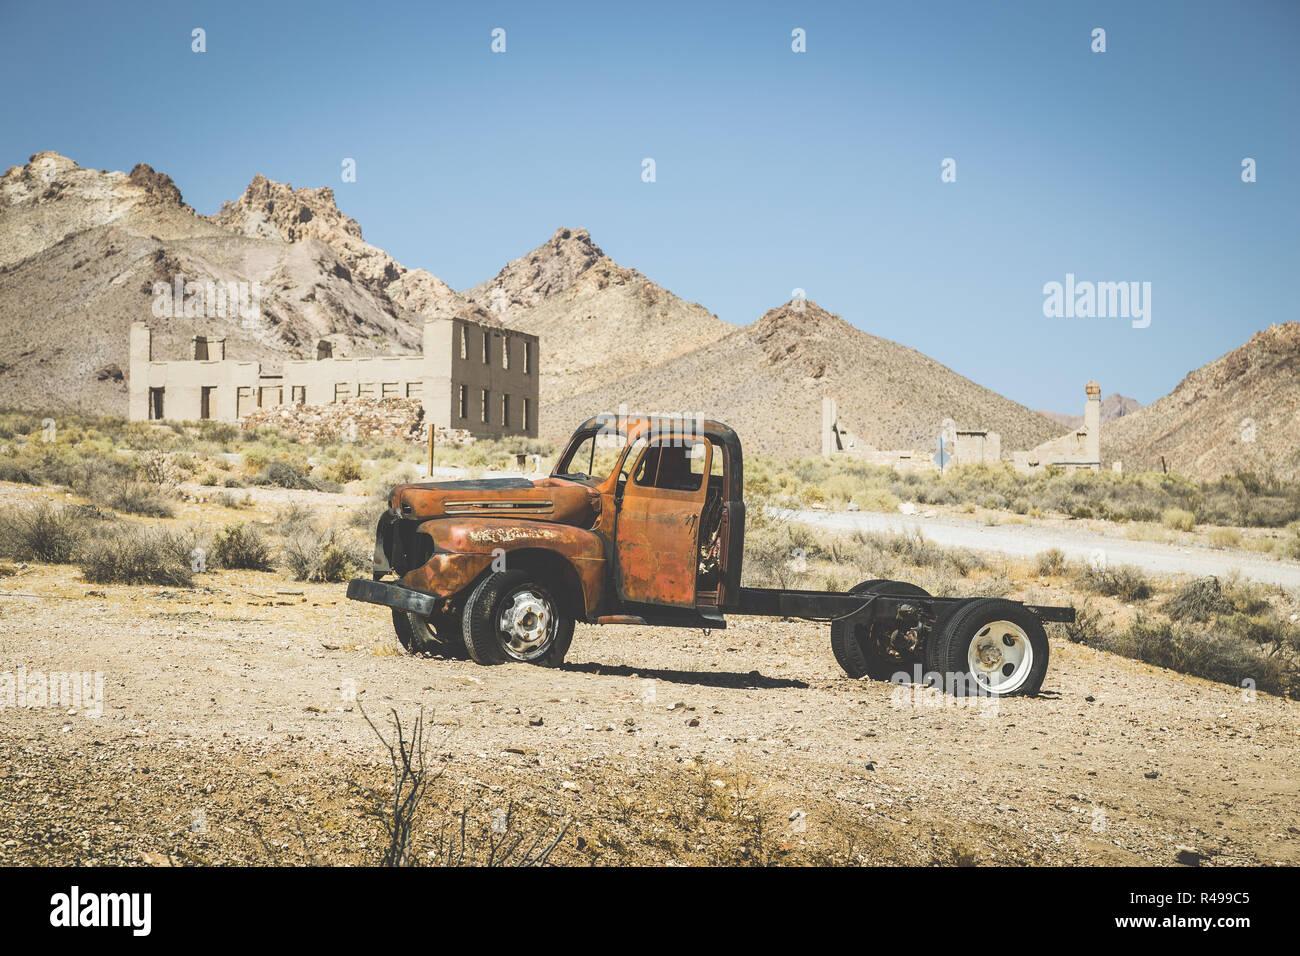 Vista clásica de una vieja camioneta oxidada de un accidente automovilístico en el desierto, en un hermoso día soleado con el cielo azul en verano con filtro de efecto vintage retro Foto de stock